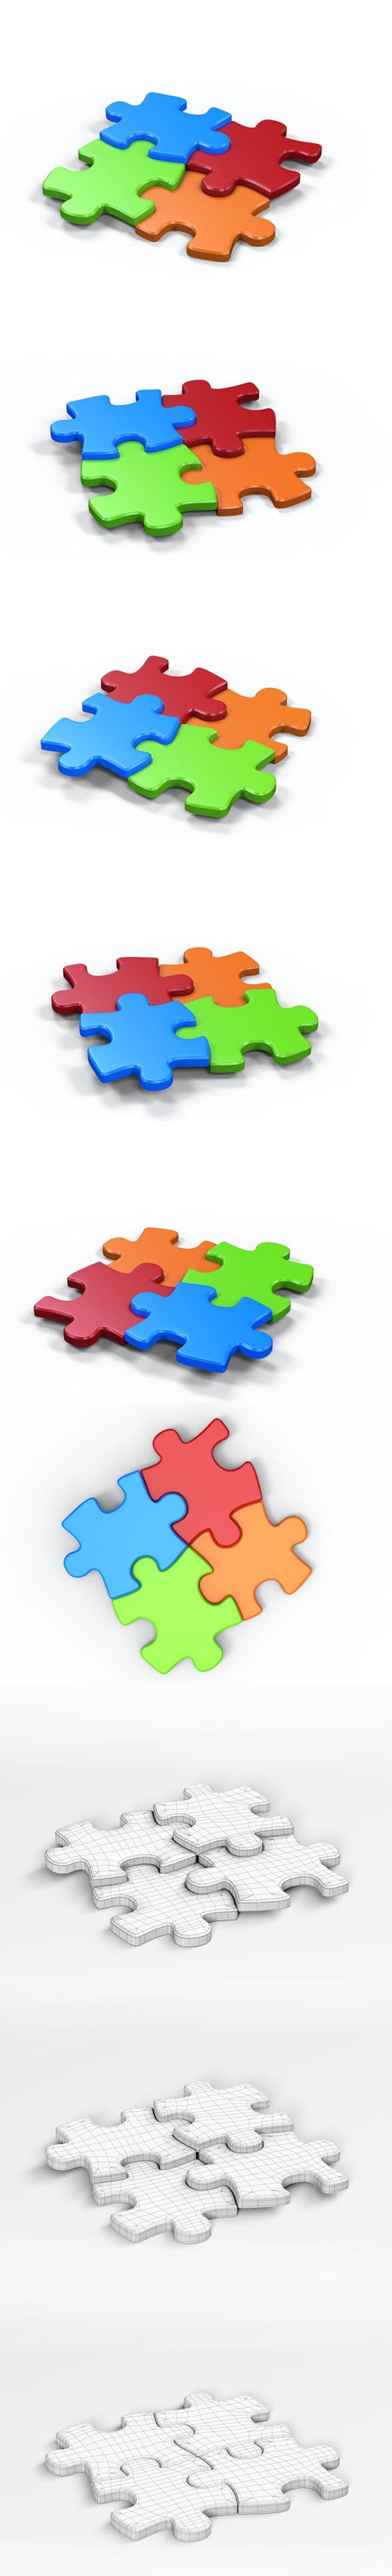 3D Puzzle - 3DOcean Item for Sale